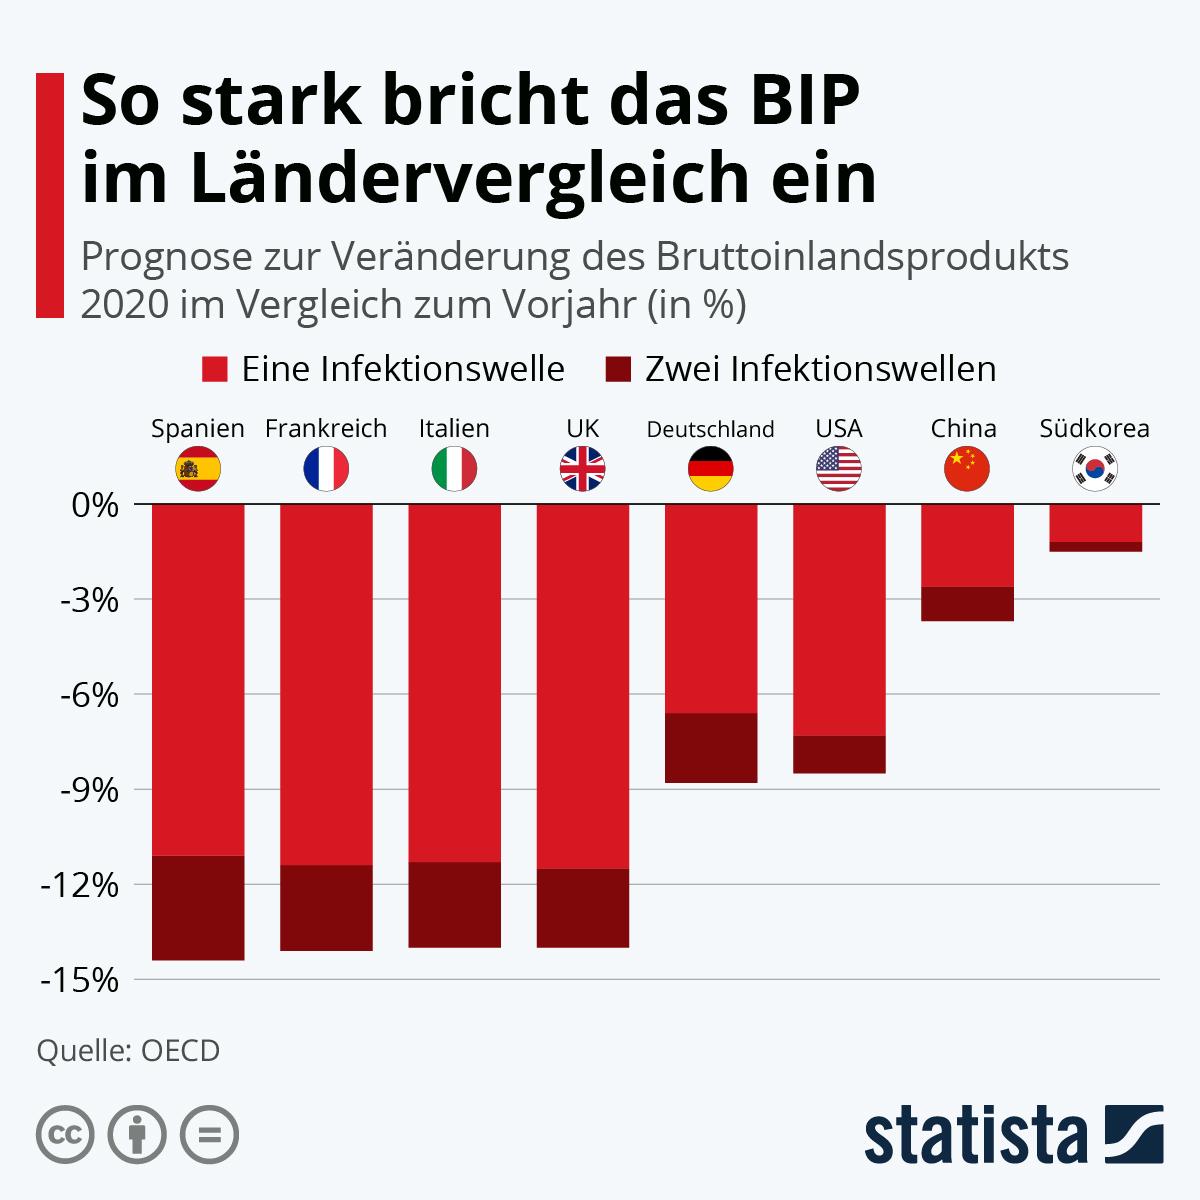 Infografik: So stark bricht das BIP im Ländervergleich ein | Statista